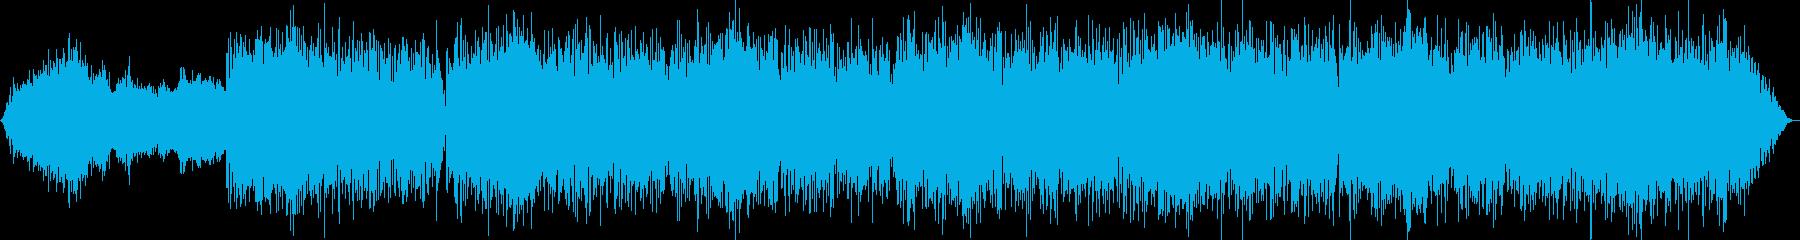 癒し系ヒーリングBGMの再生済みの波形